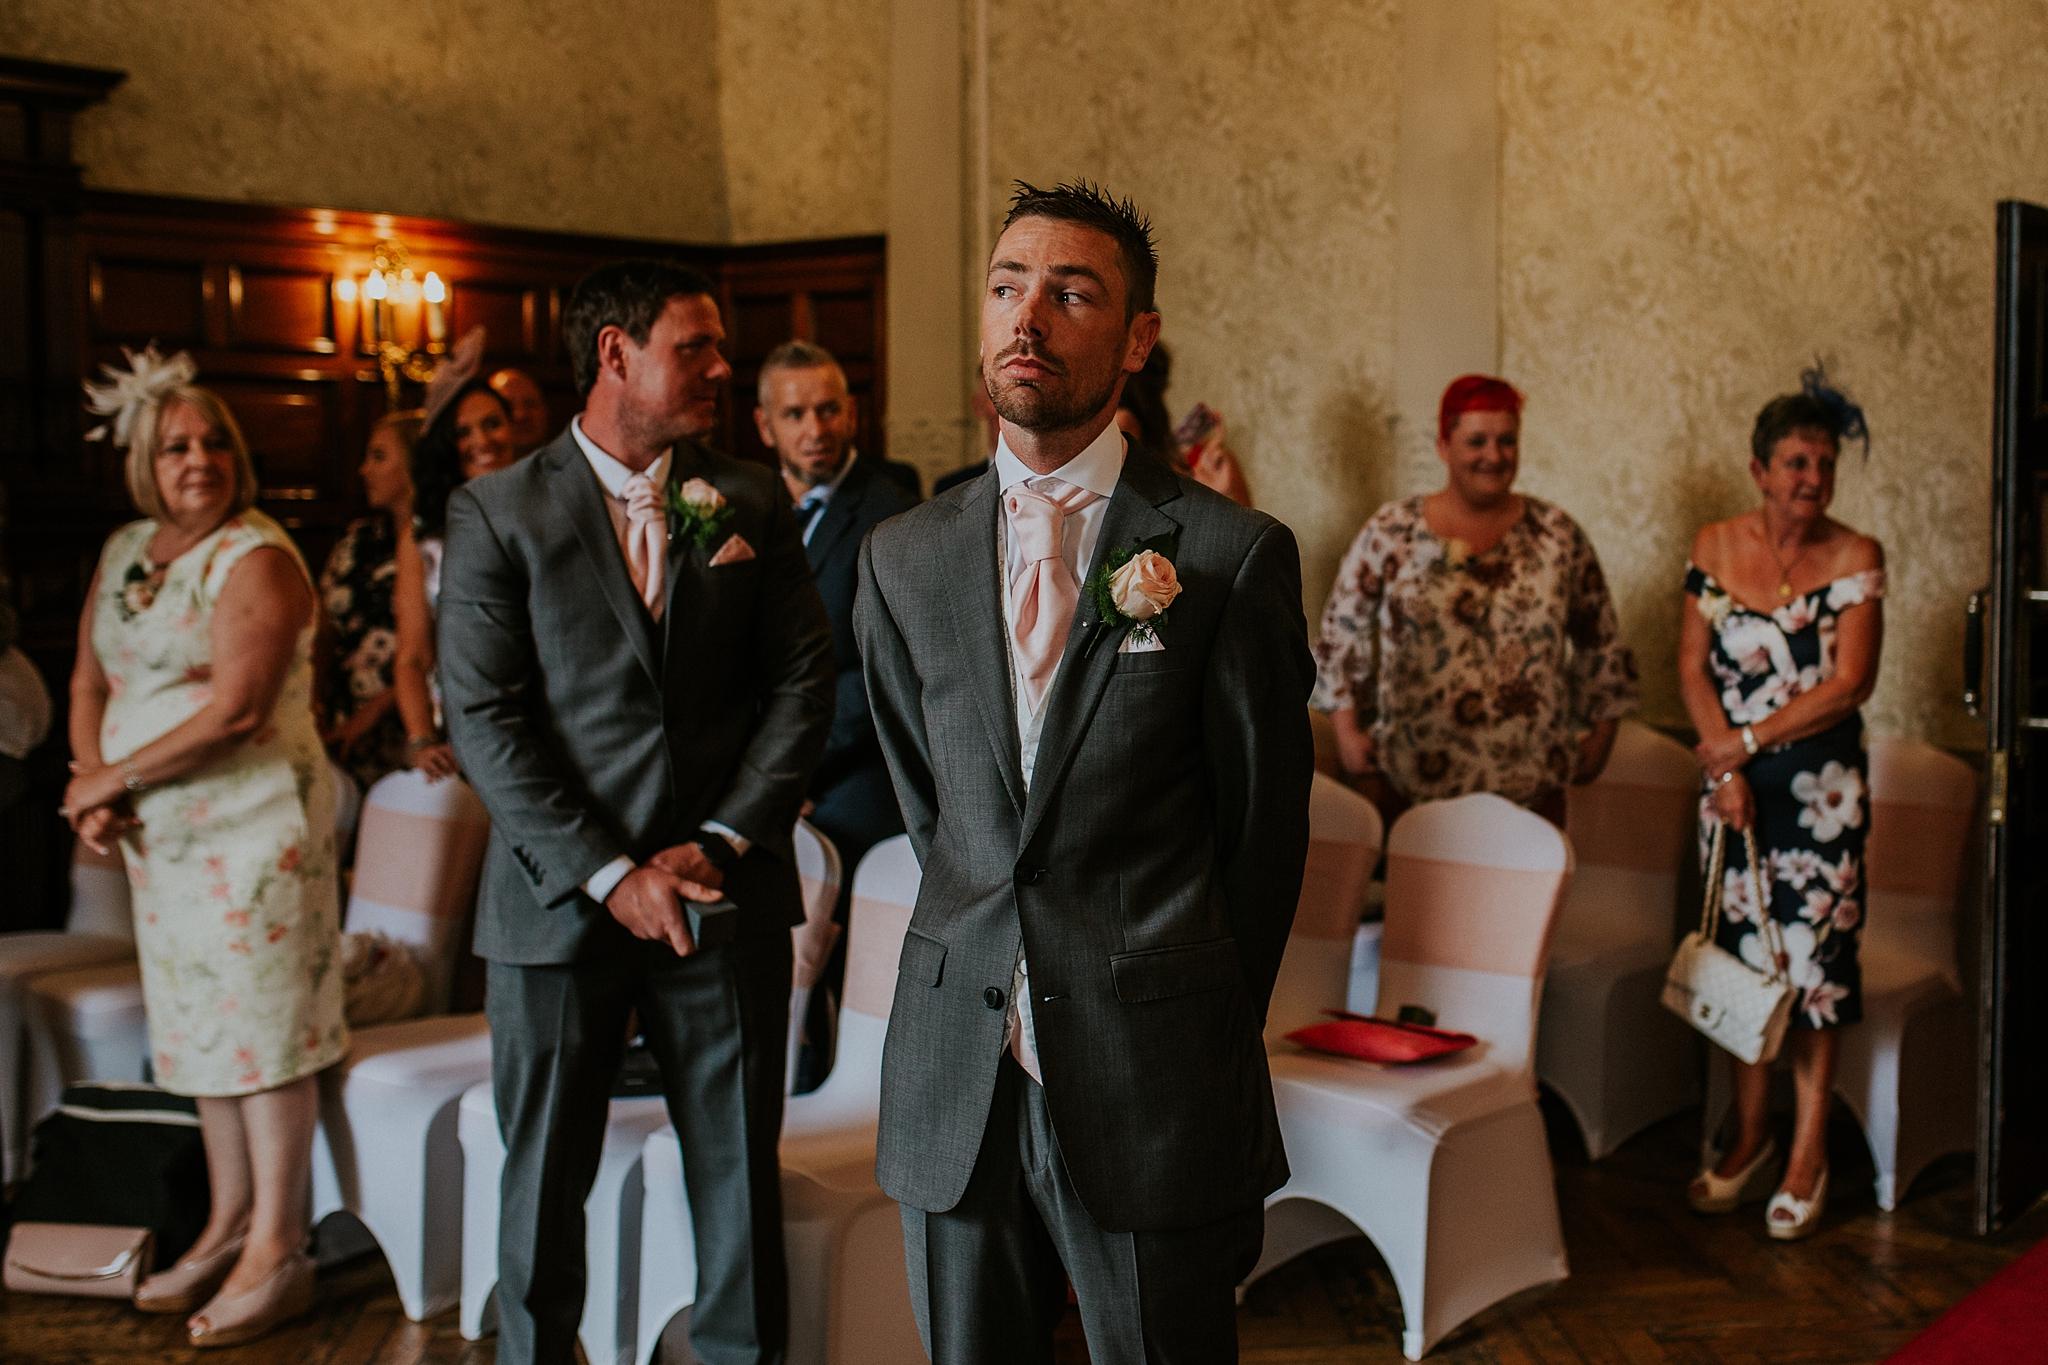 newcastle_upon_tyne_wedding_photographer-15.JPG